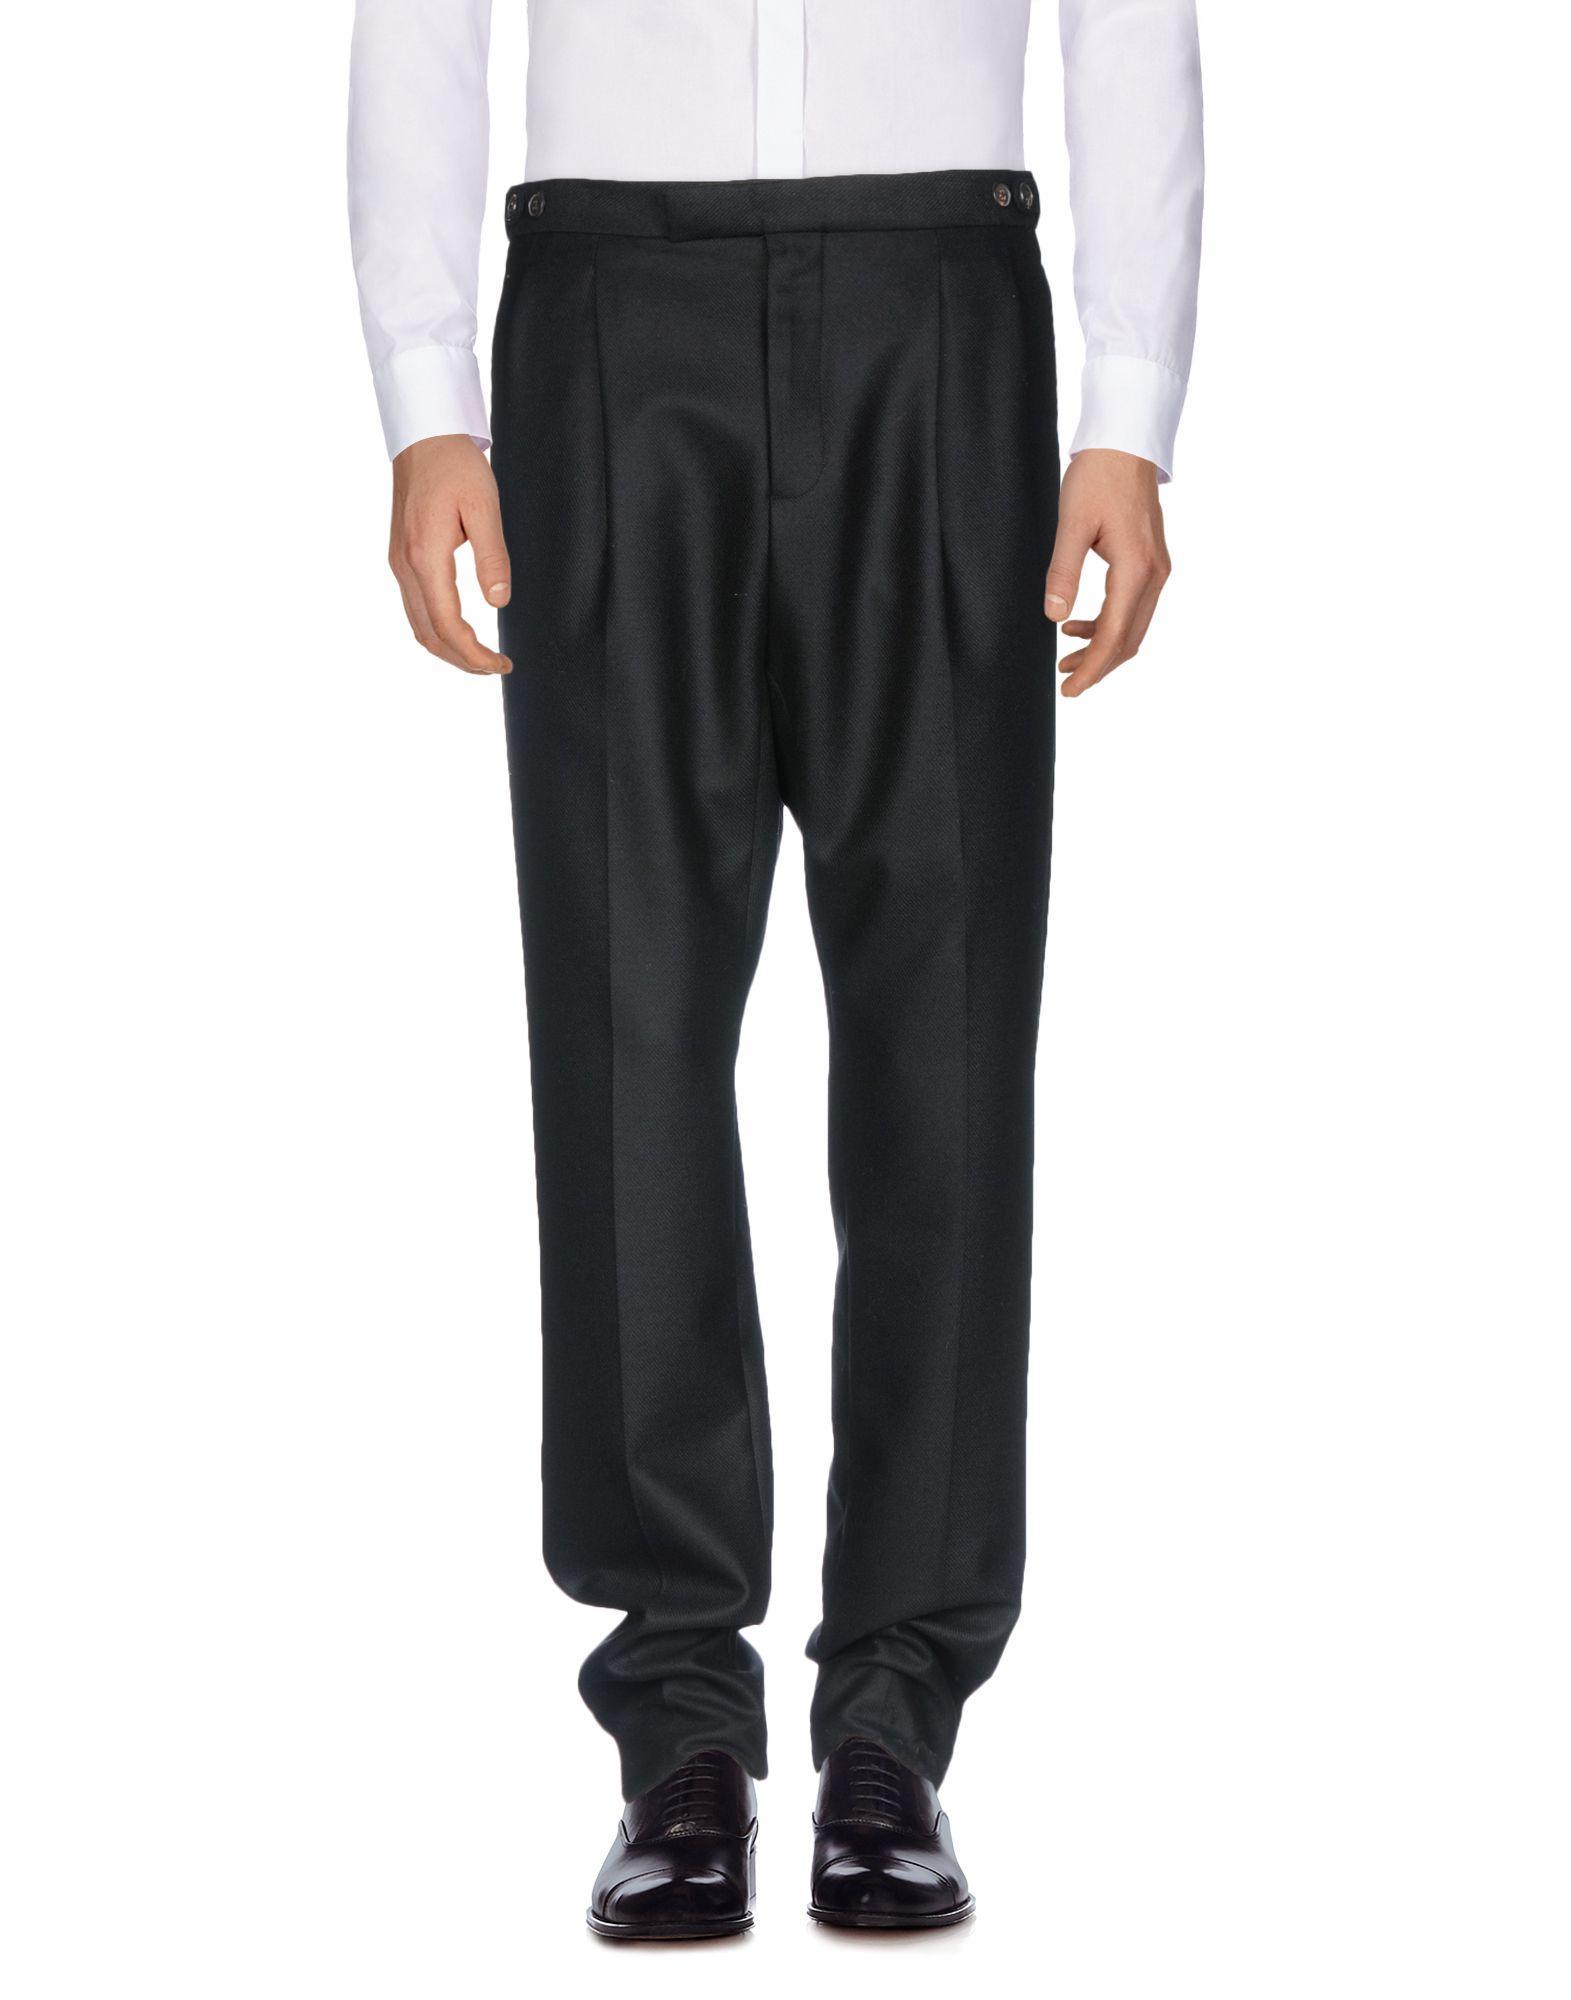 Umit Benan Casual Pants In Black